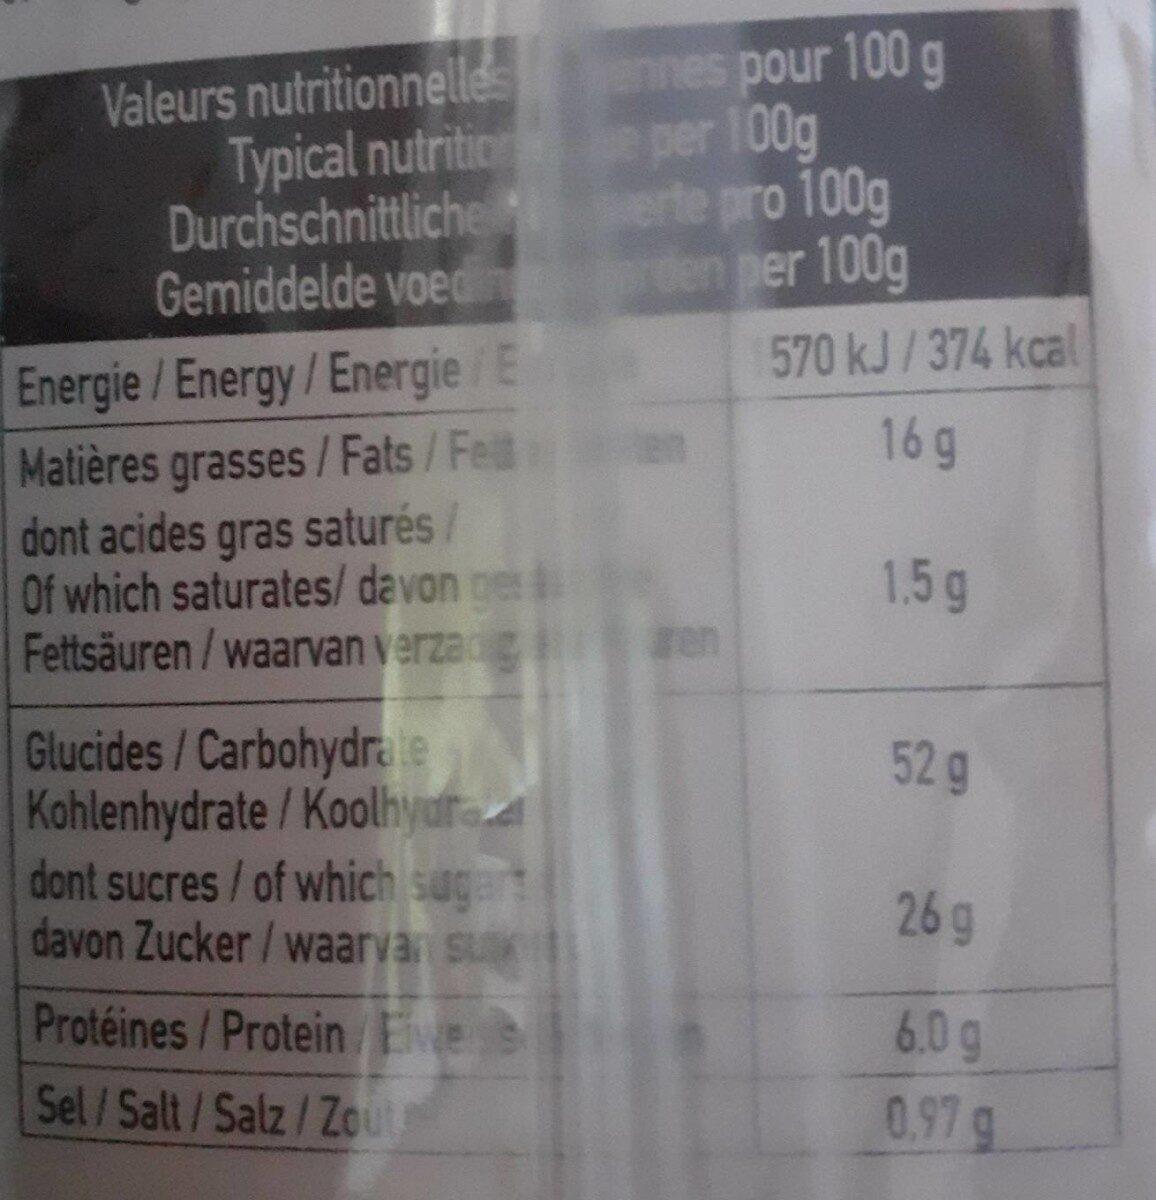 Barre Au Fromage Blanc Et Aux Oeufs Frais - Informations nutritionnelles - fr